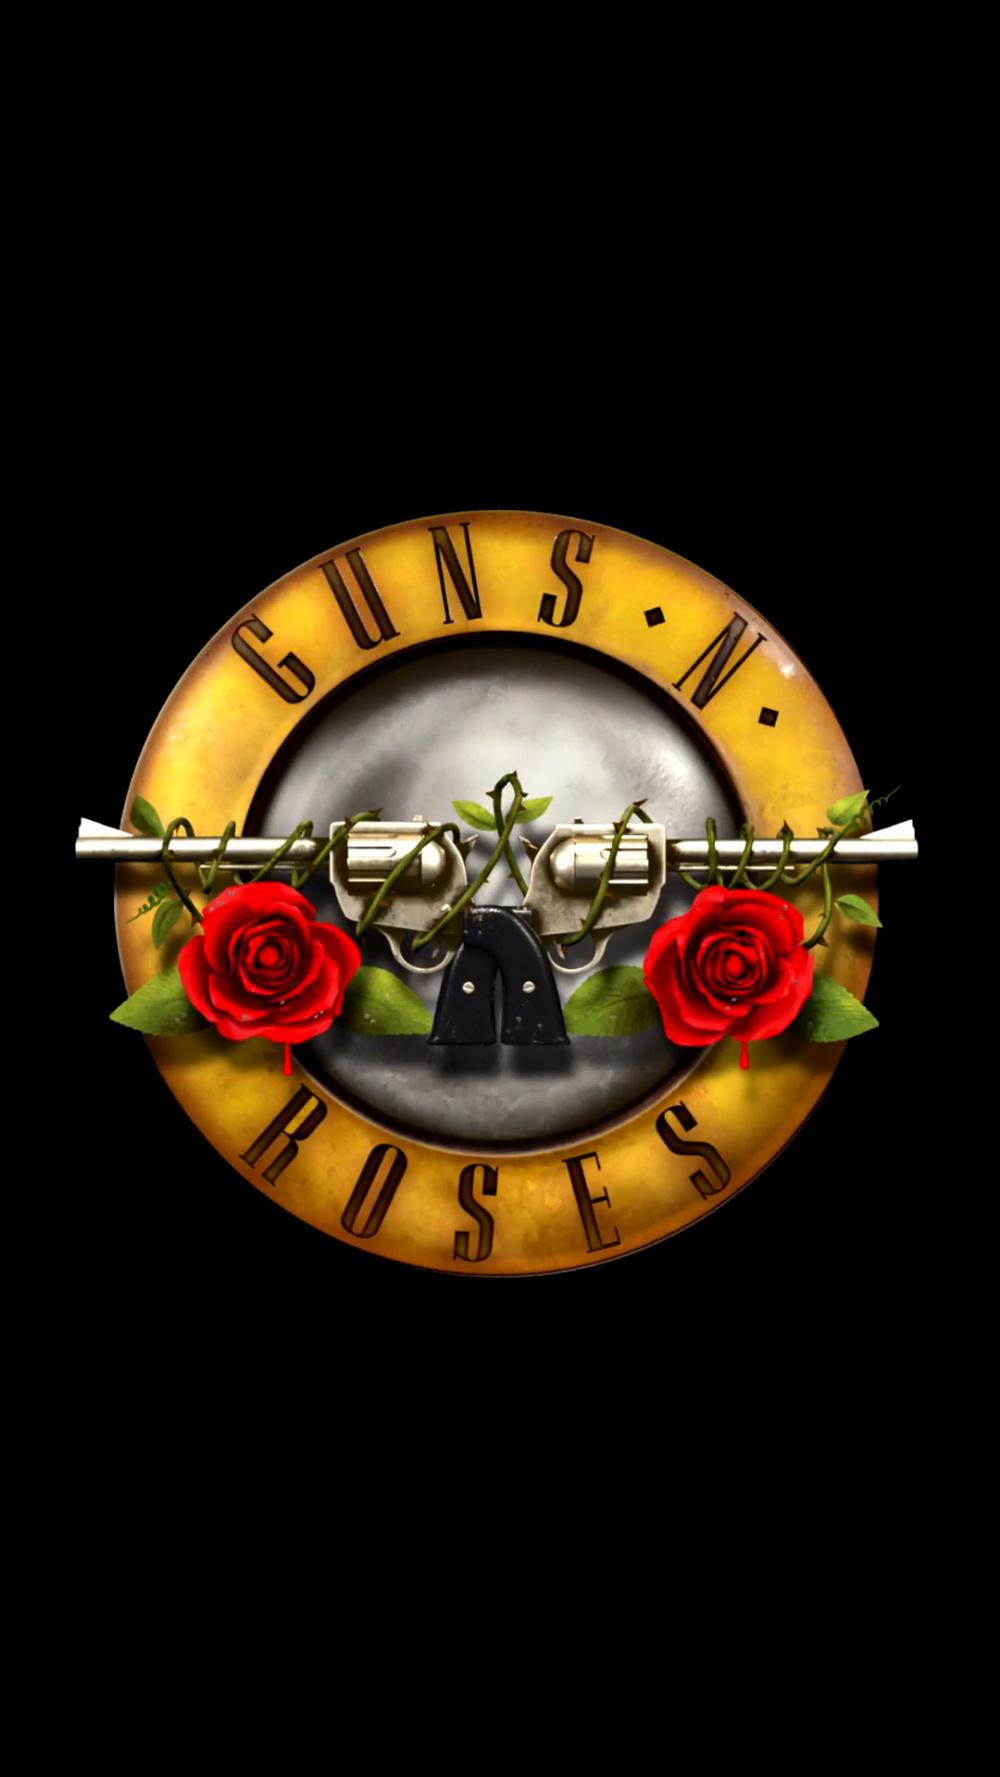 Guns N' Roses | Papeis de parede rock, Pôsteres de rock, Capas de álbuns de  rock